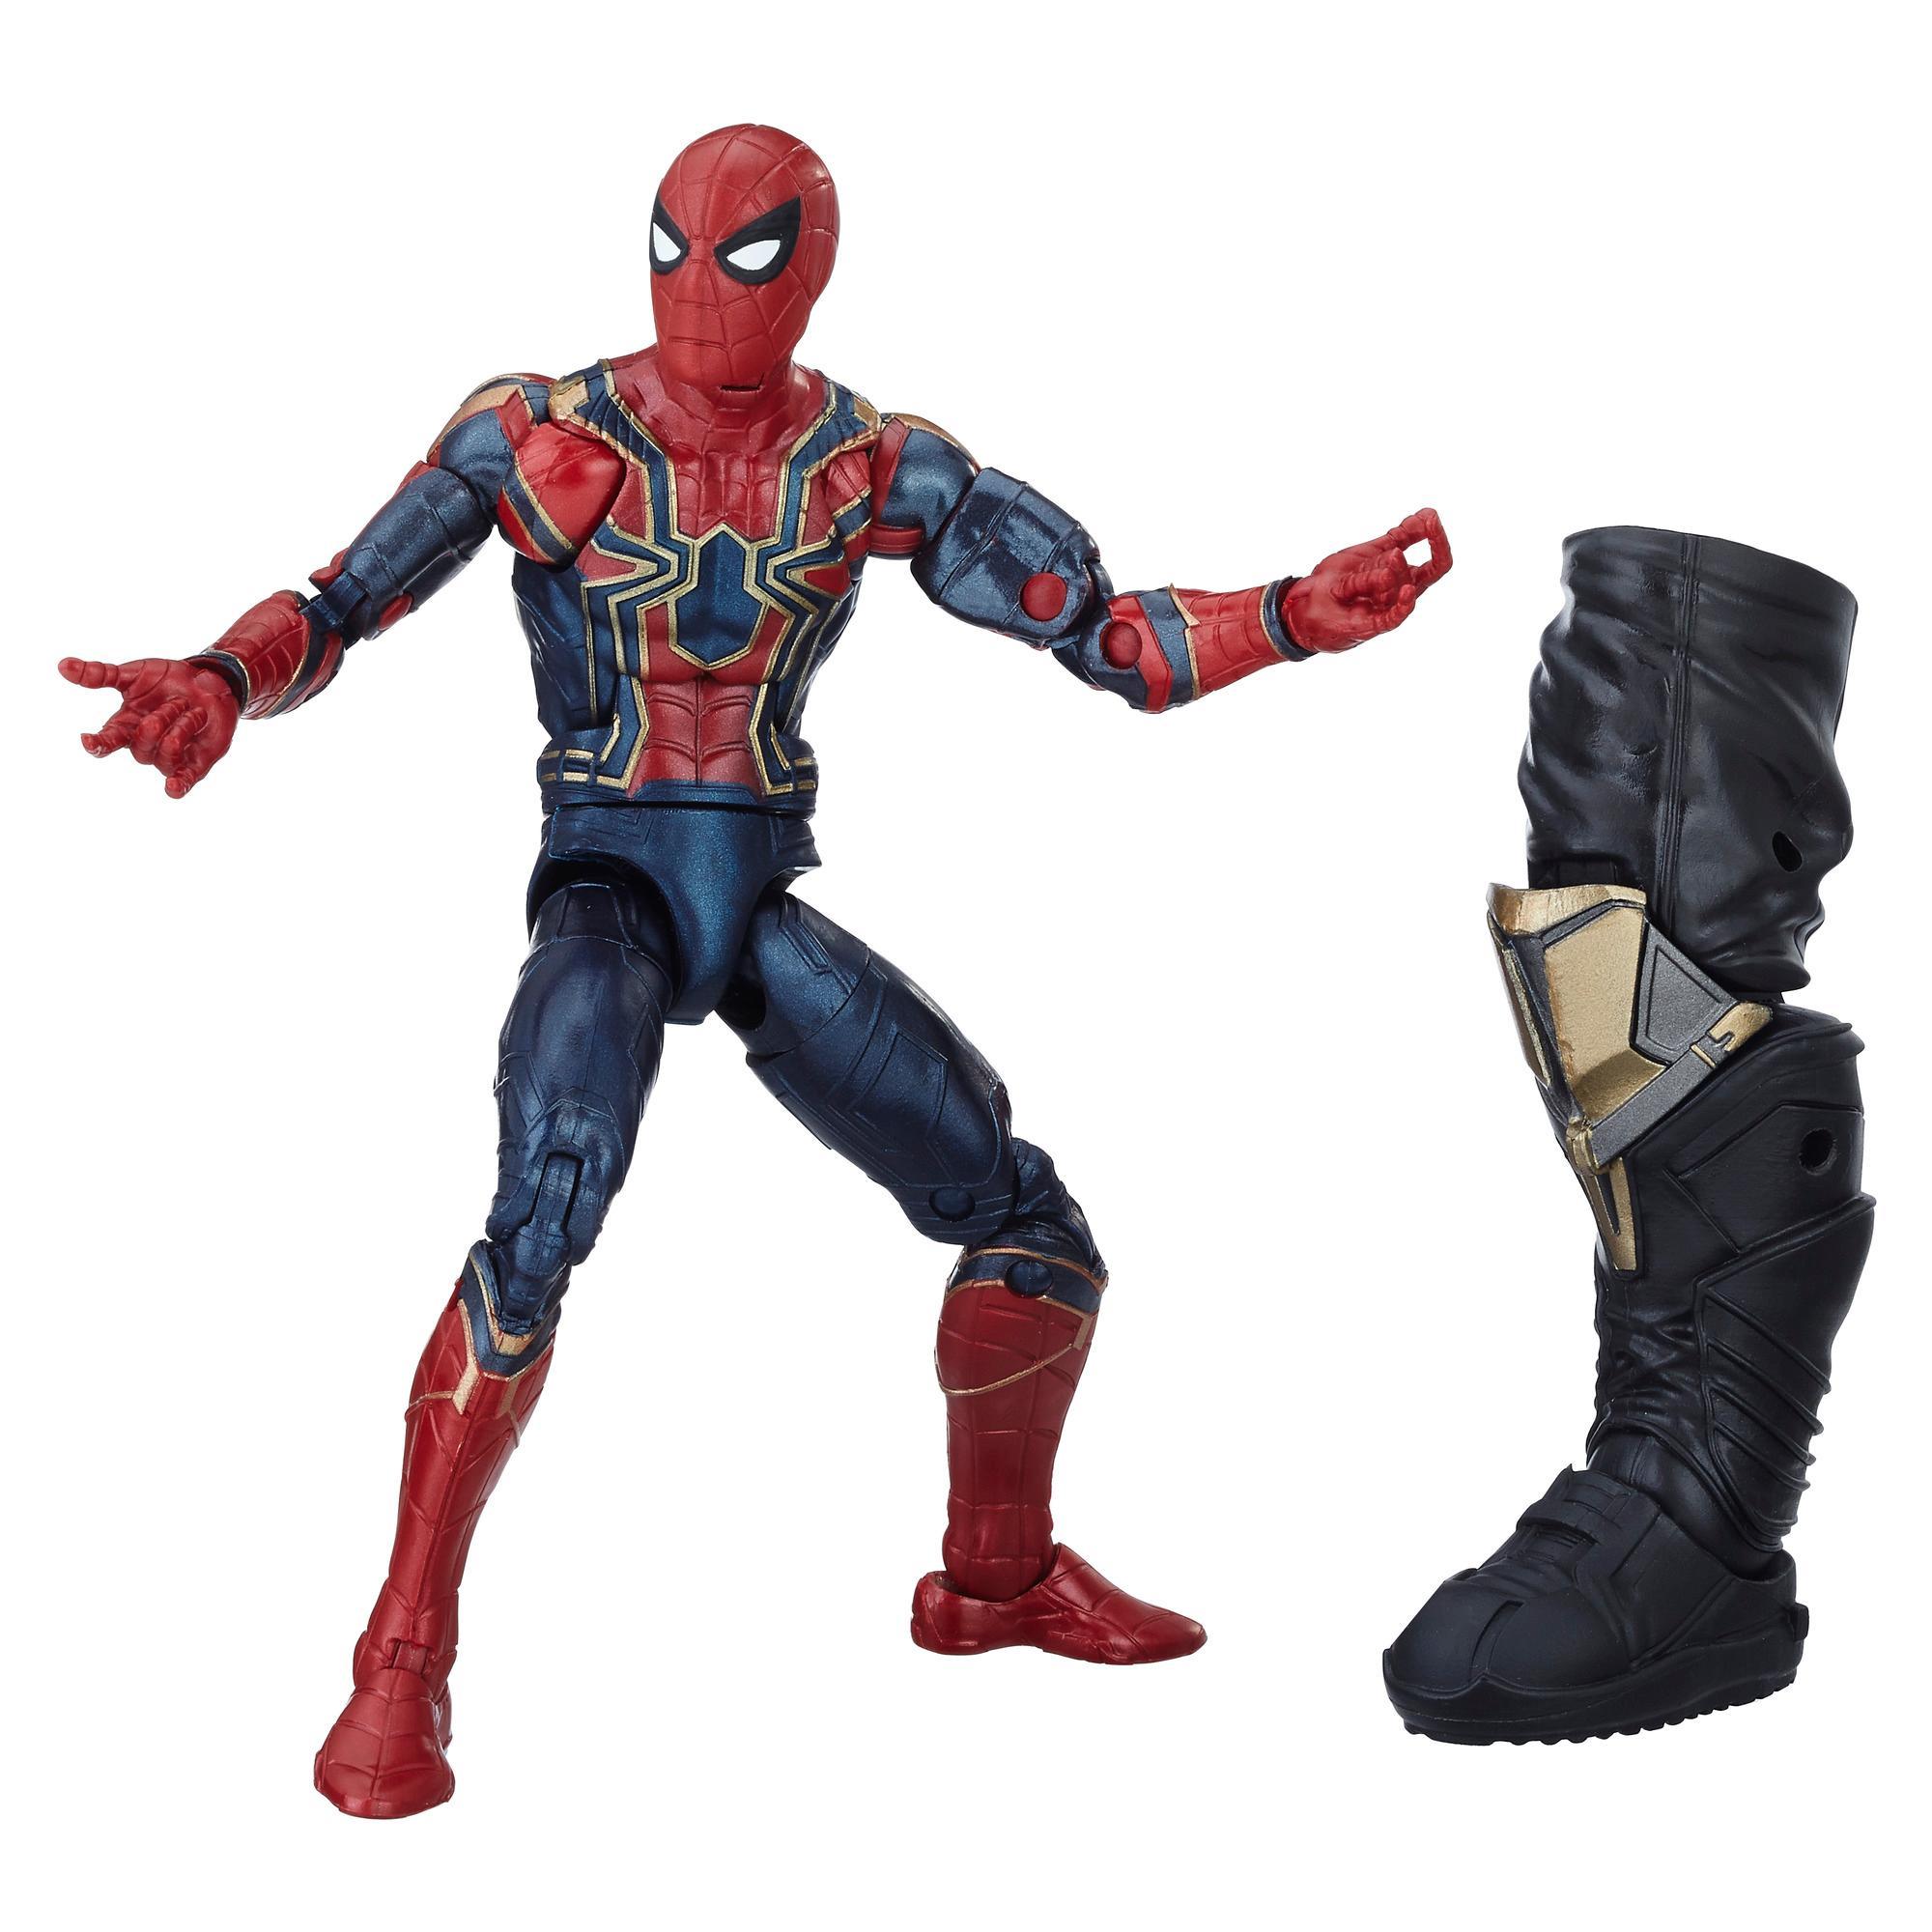 Marvel Legends - Iron Spider (Build-A-Figure Thanos Action Figure Collezione, 15 cm)